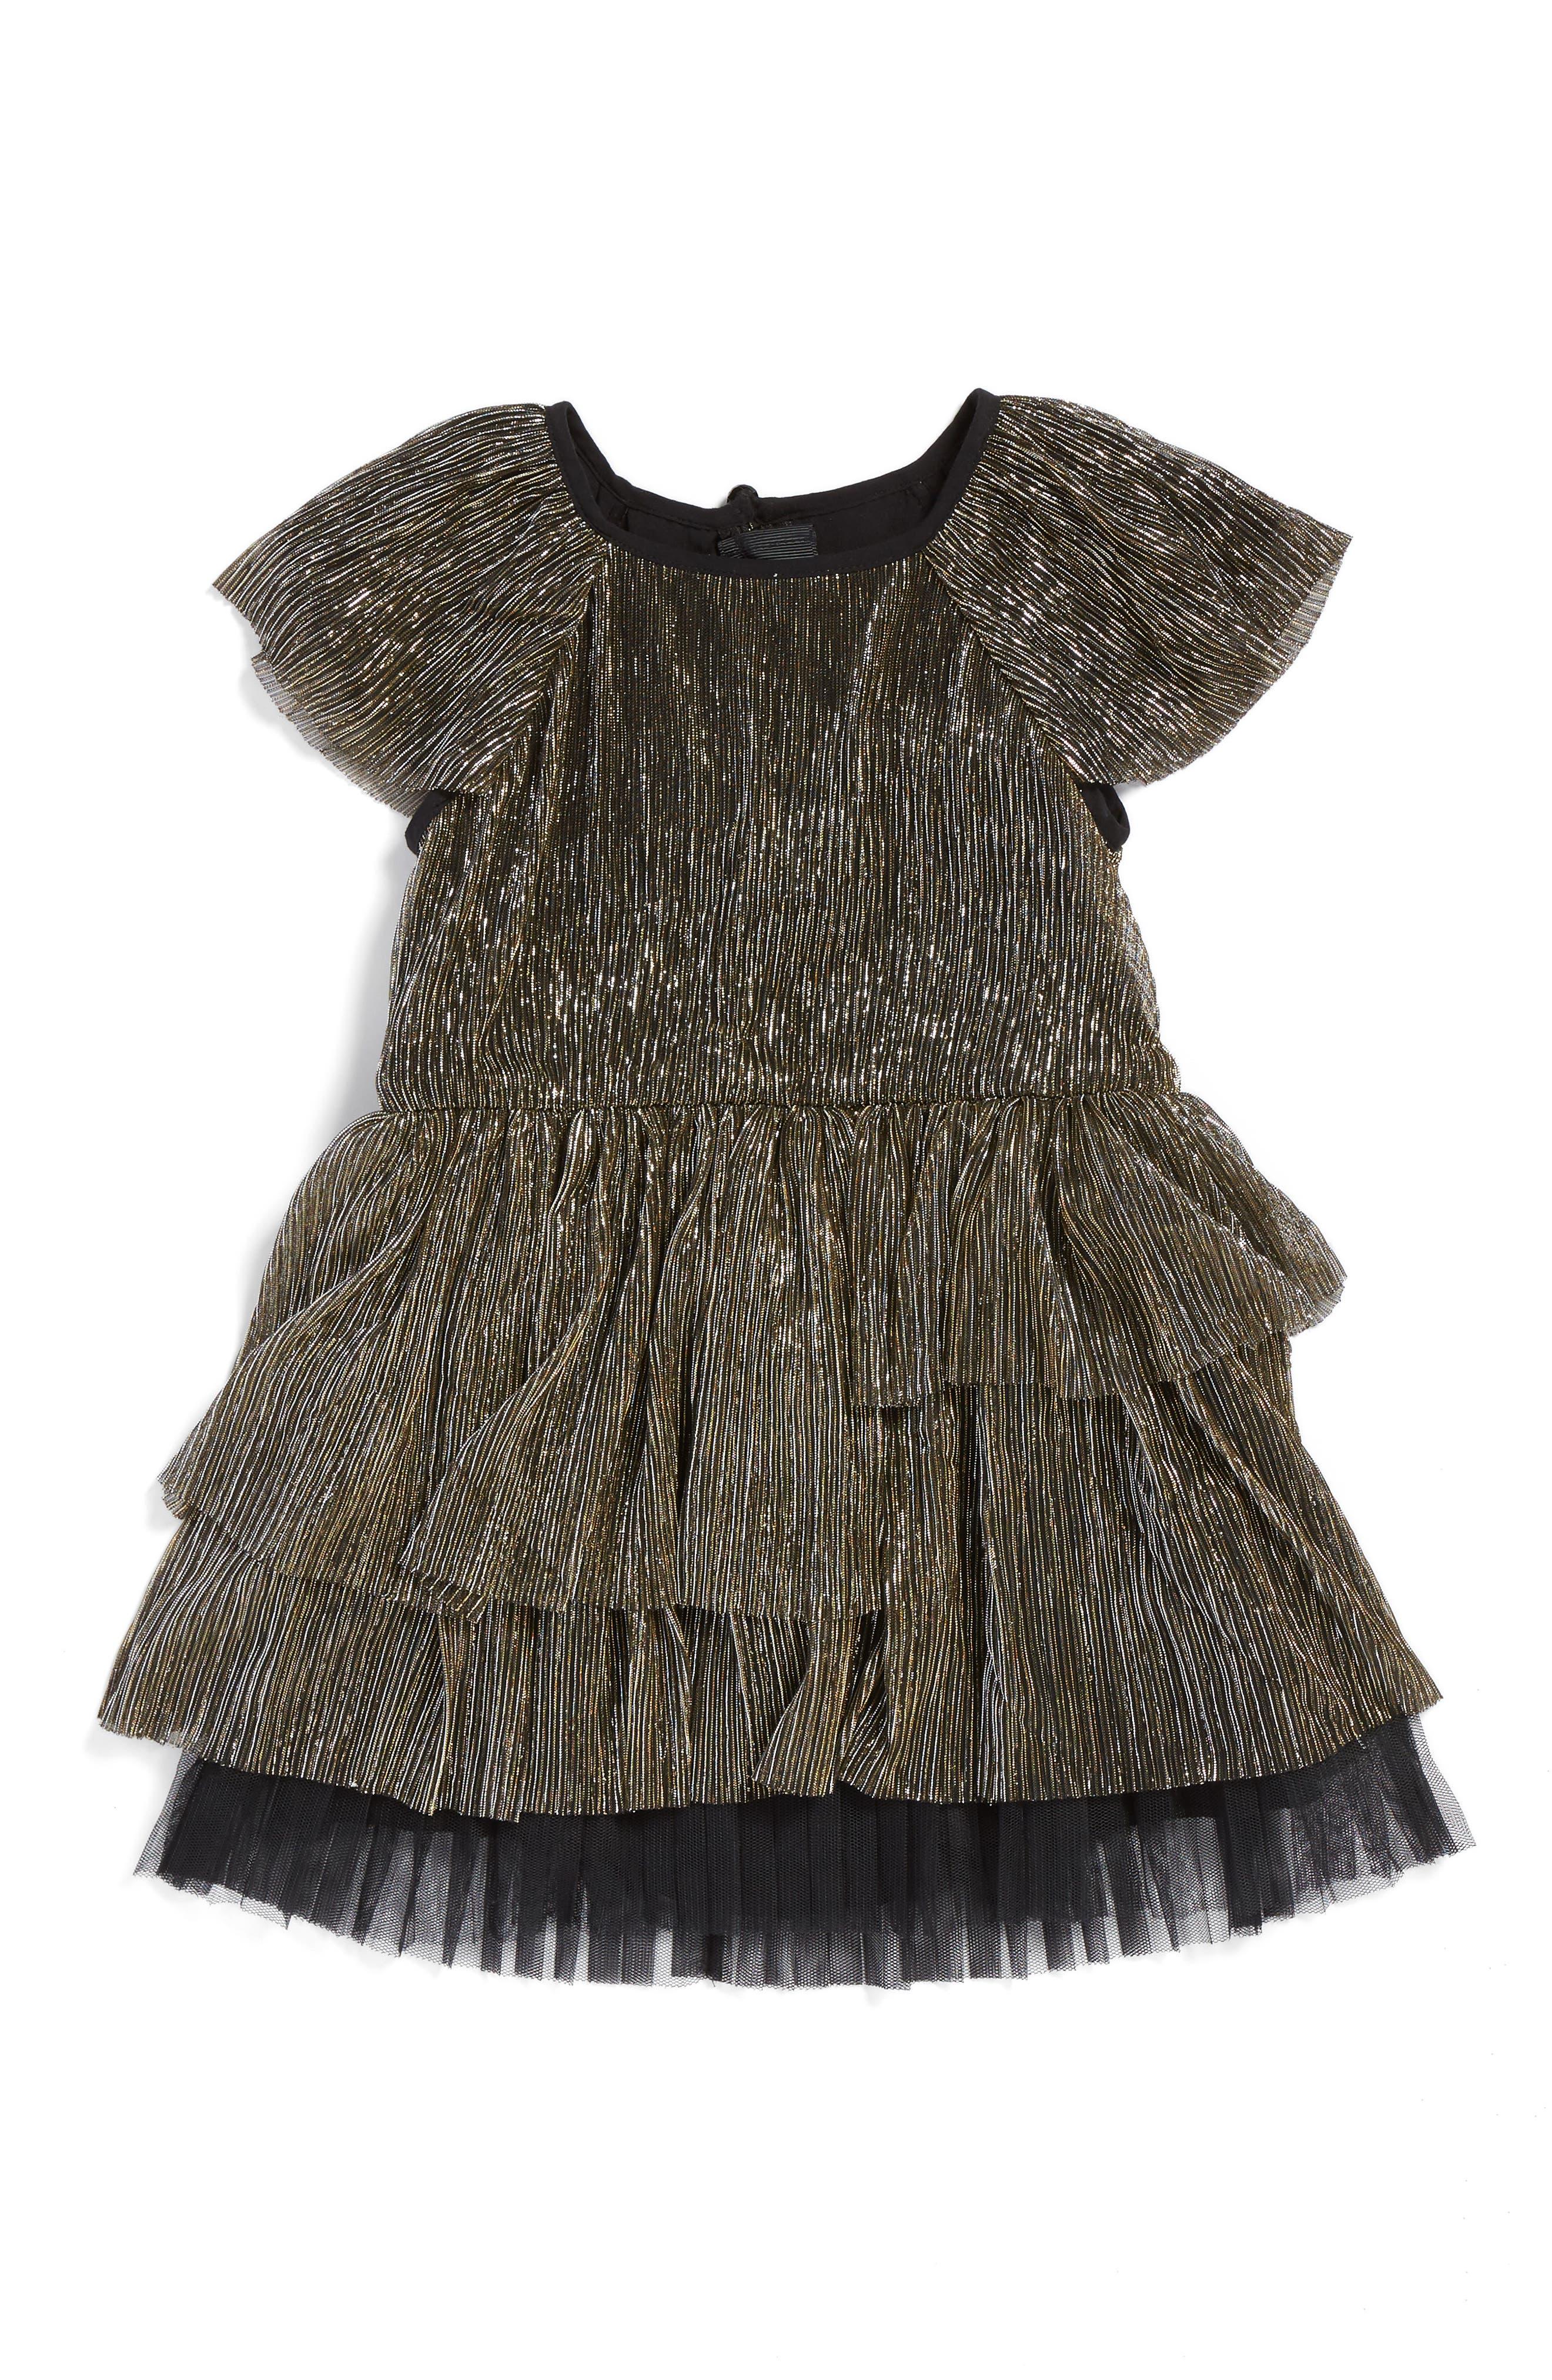 Main Image - LITTLE MARC JACOBS Ruffle Metallic Dress (Toddler Girls, Little Girls & Big Girls)